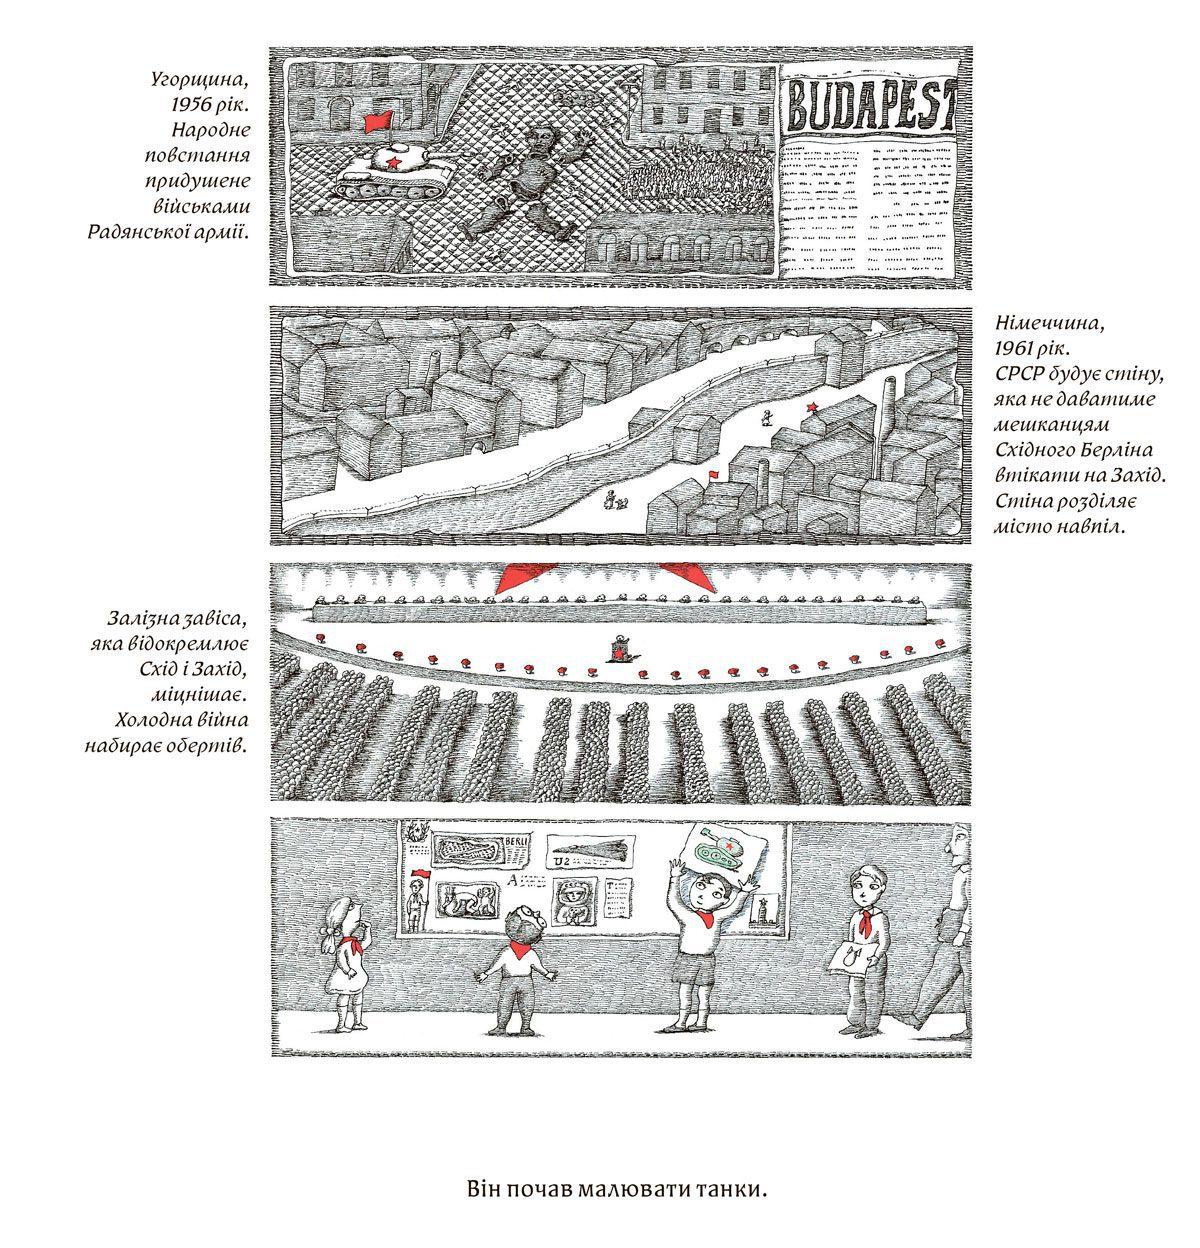 Stina BOOK 14 - «Це був час промивки мізків». Уривок із графічної новели «Стіна» - Заборона